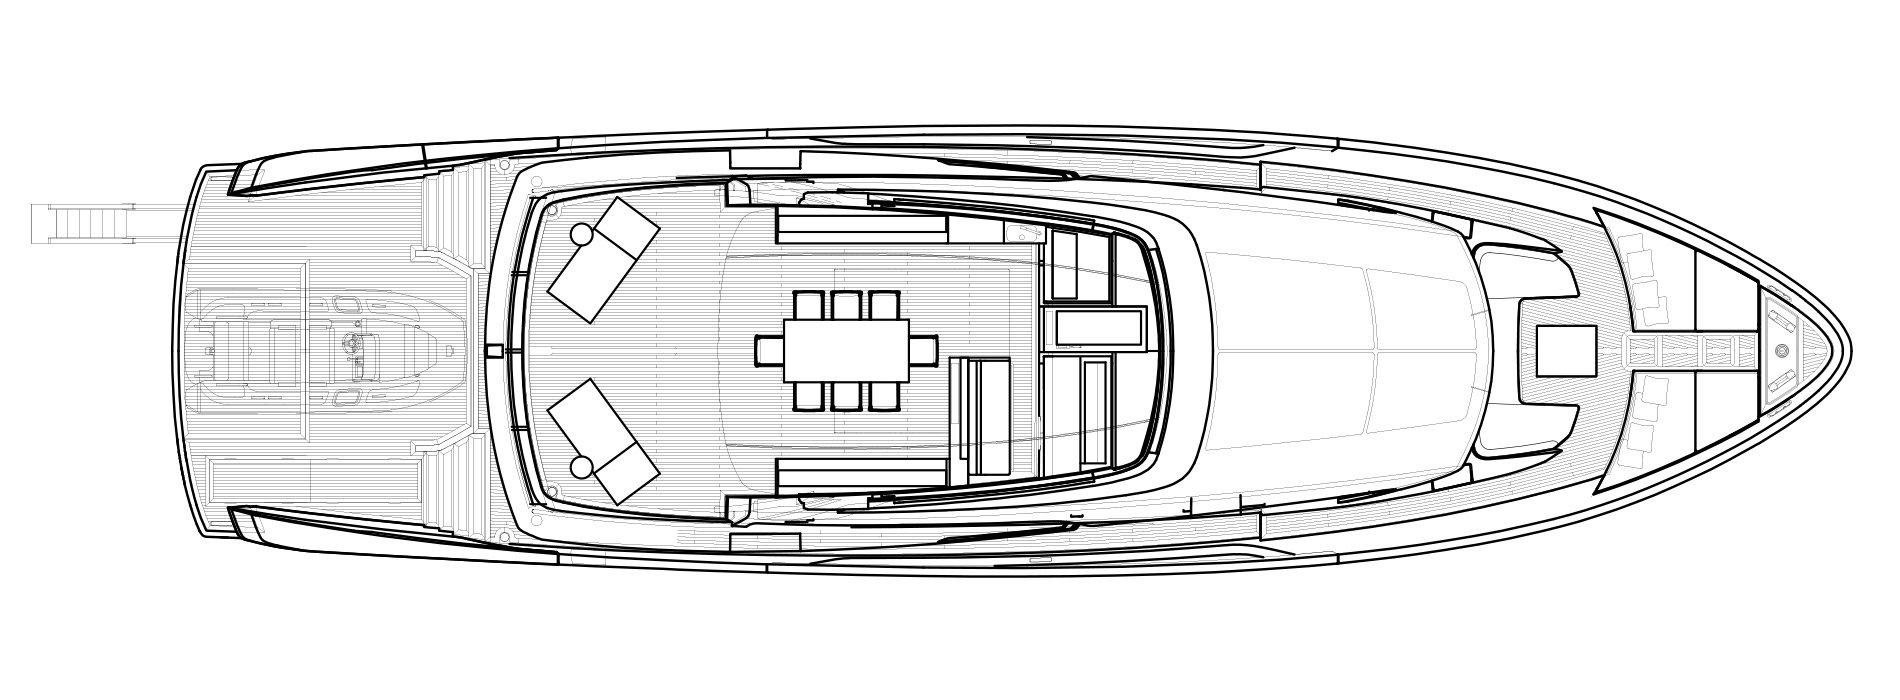 Sanlorenzo Yachts SX88 Außendeck Versione Lissoni